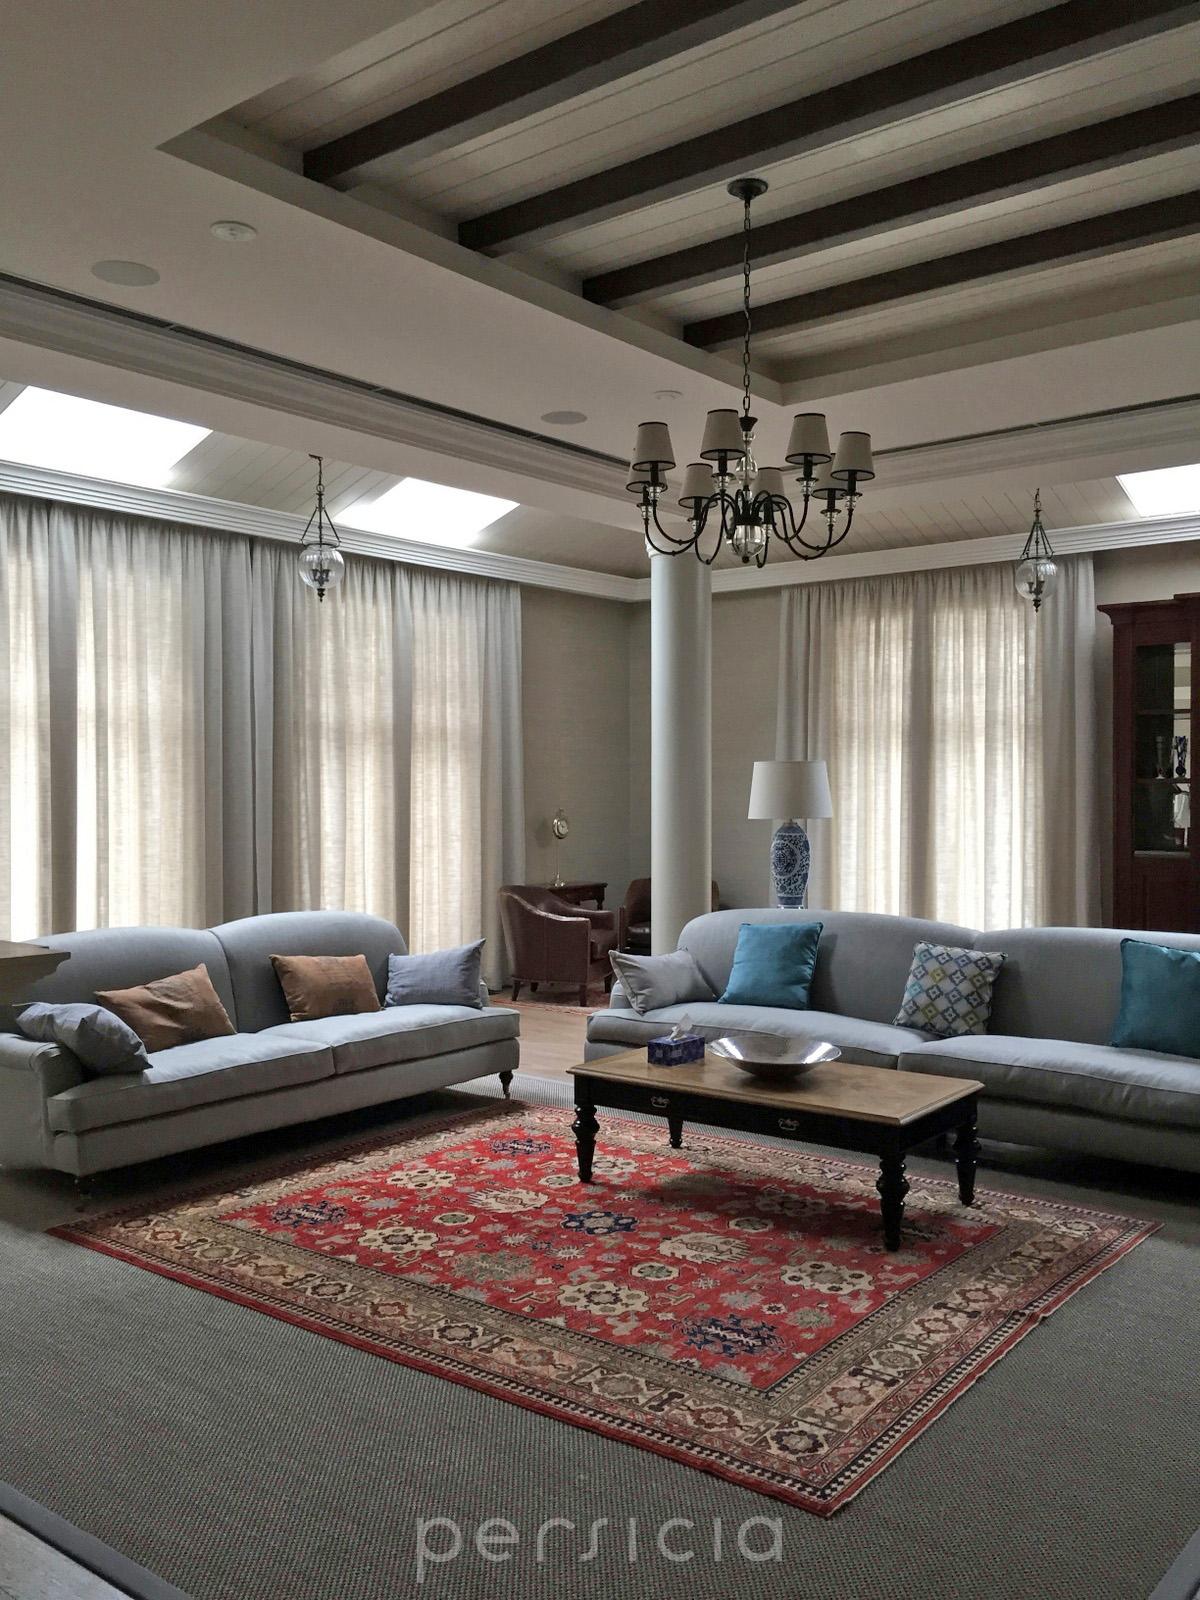 Яркие ковры в гостиную | Ковры Казах (Казак) | Азербайджанские ковры | Афганские ковры | Kazakh Persicia